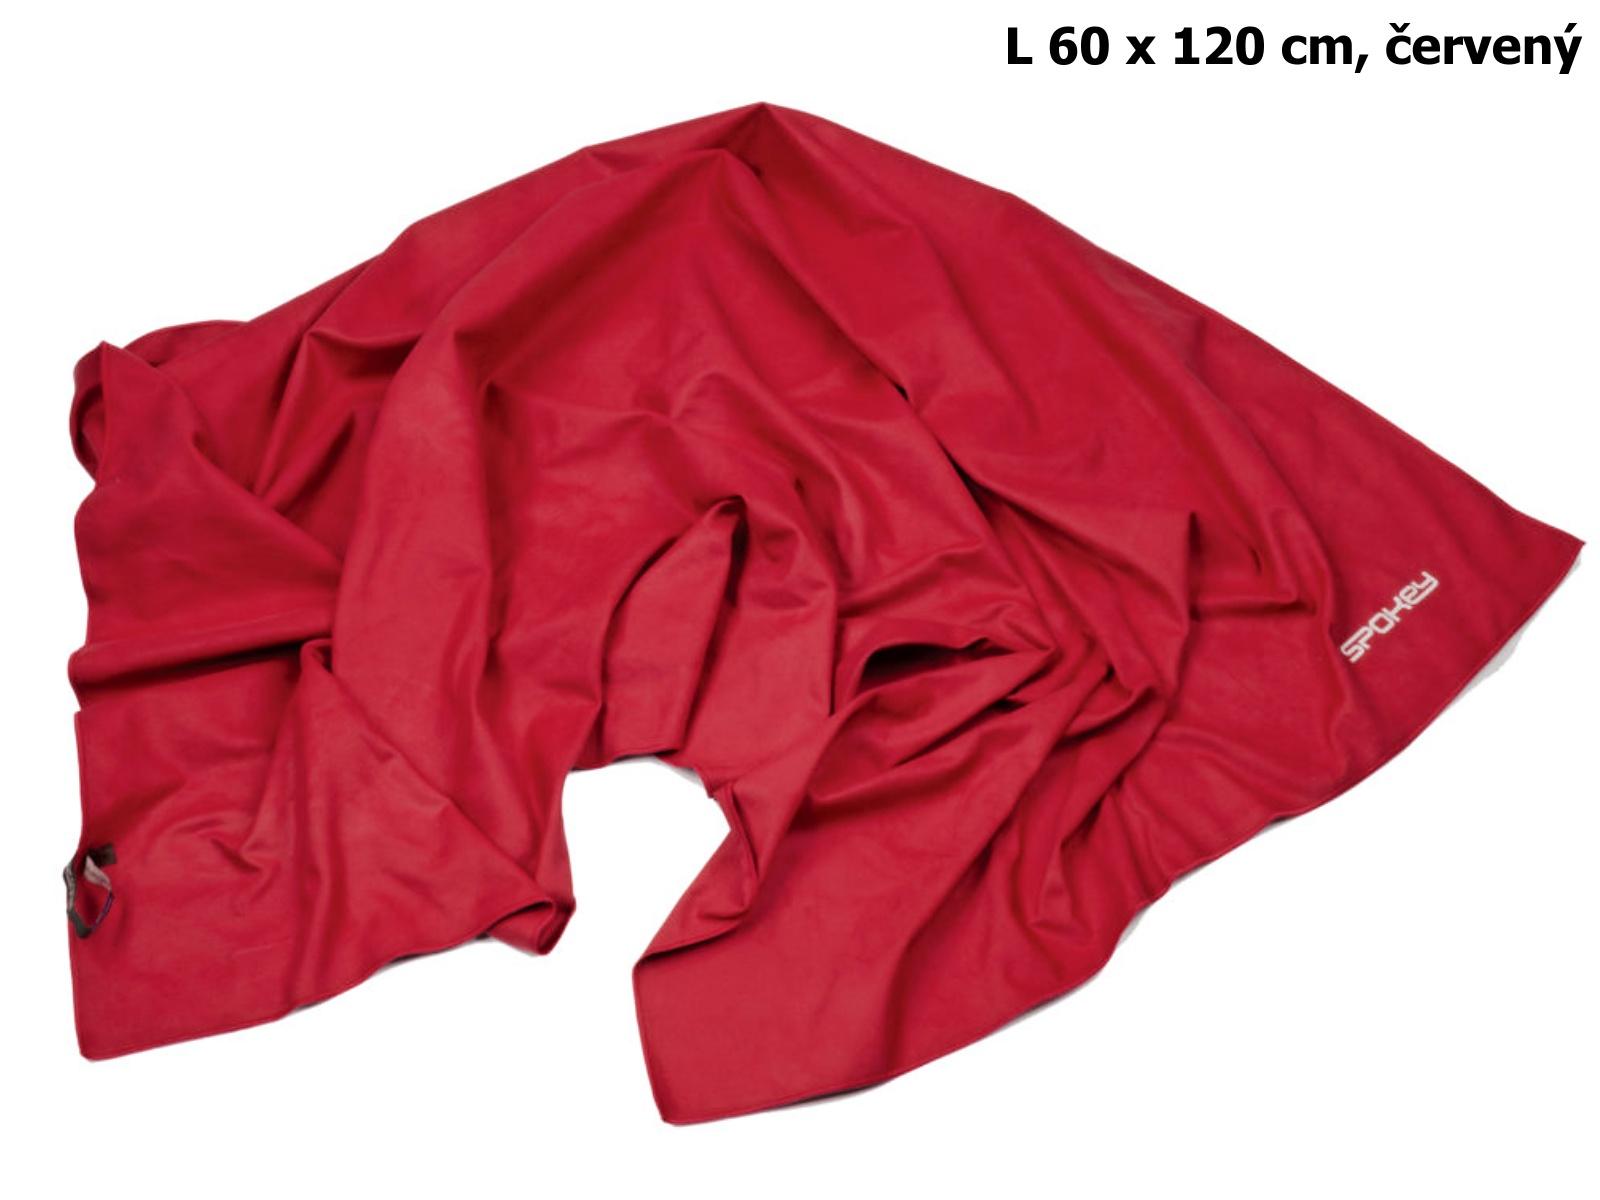 Rychleschnoucí ručník SPOKEY Sirocco L 60 x 120 cm, červený